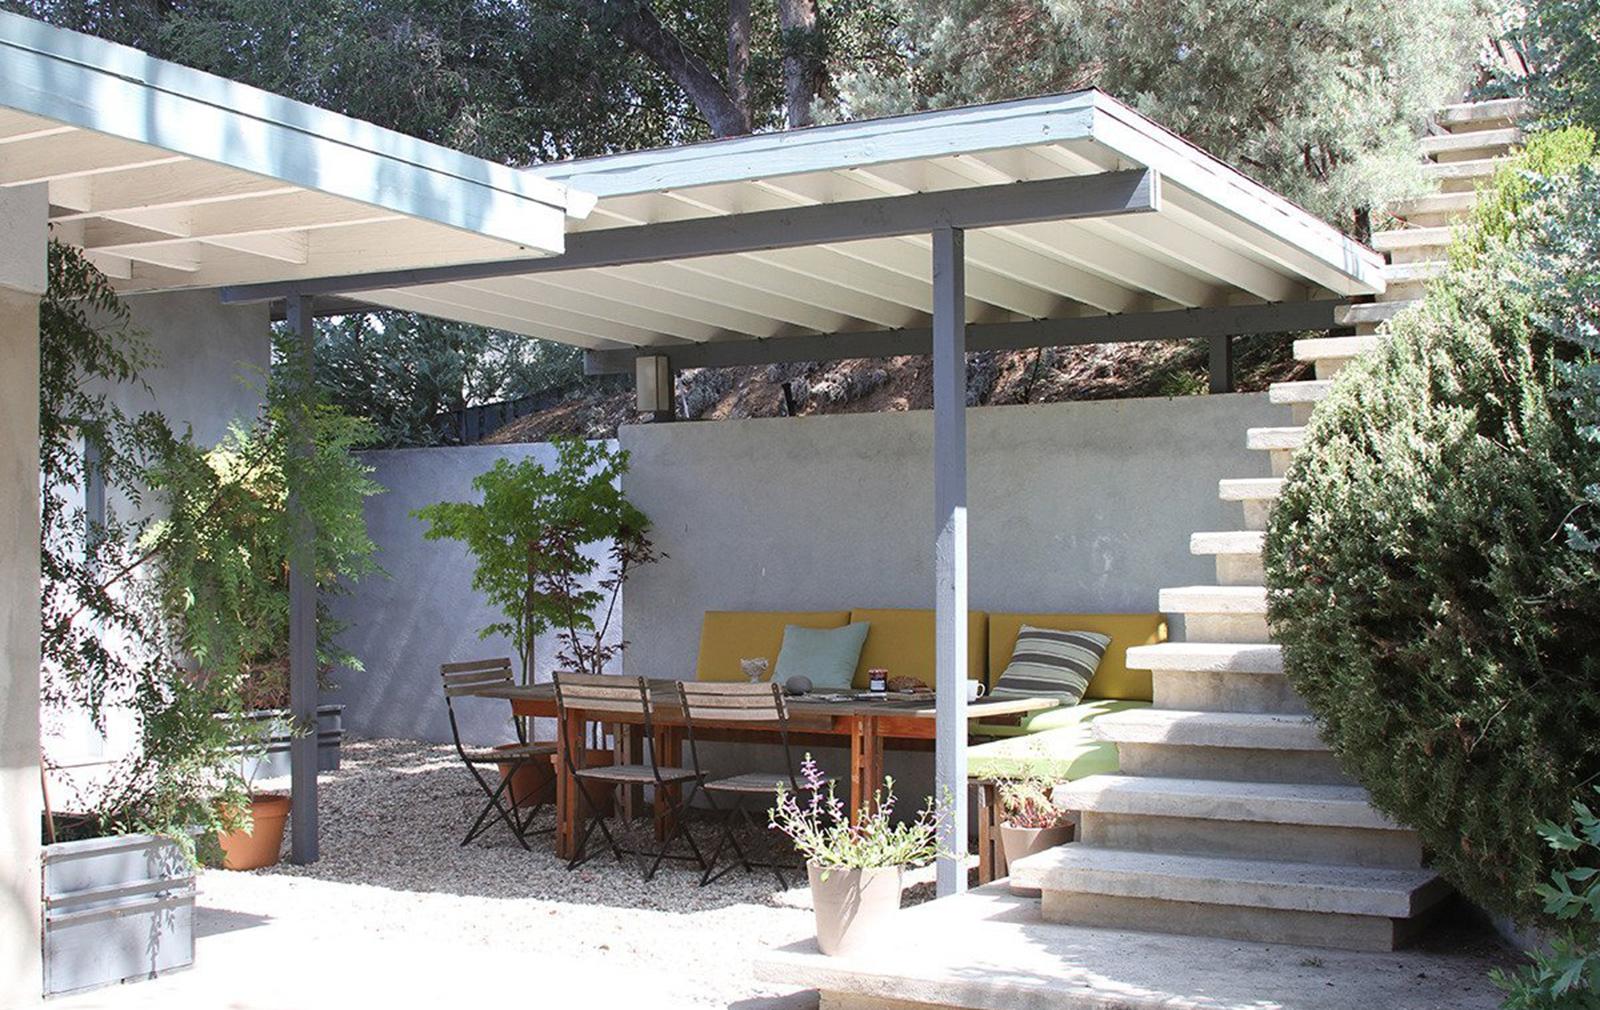 Topanga House in LA